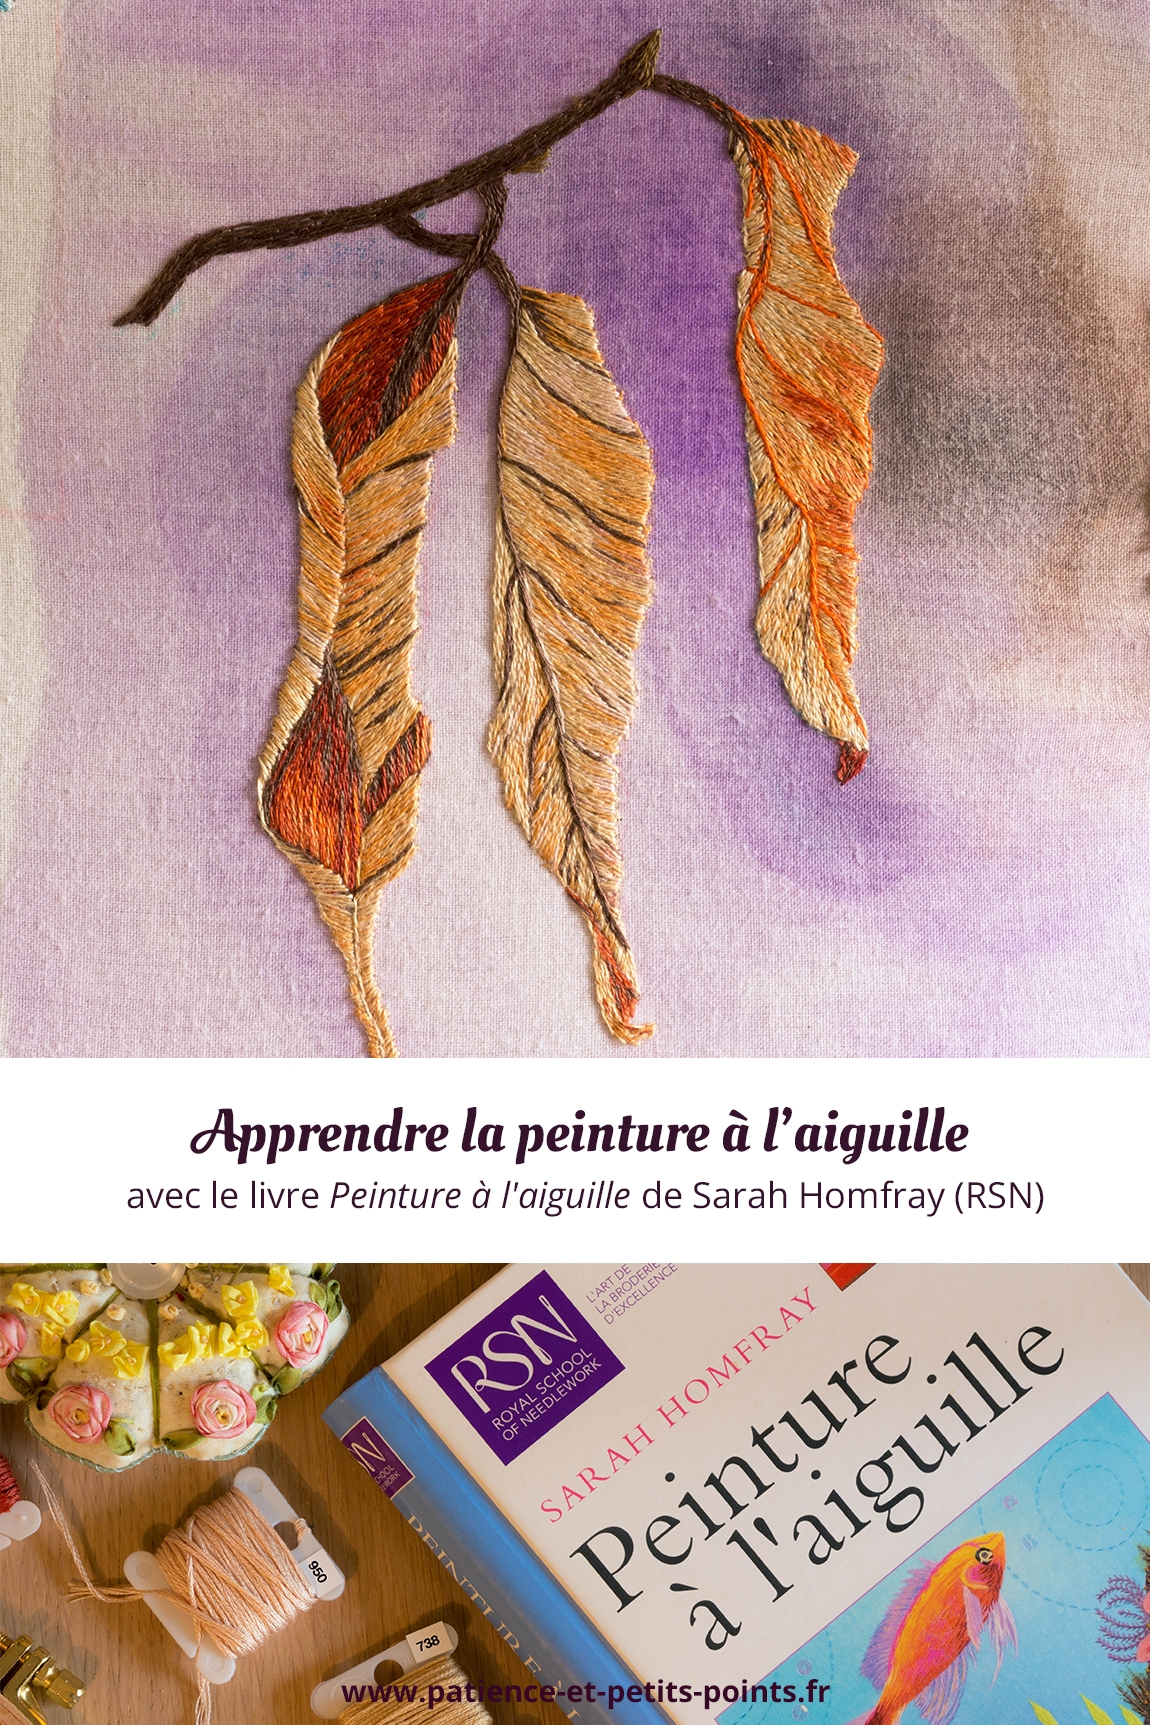 Découvrez le livre Peinture à l'aiguille de Sarah Homfray sur le blog de Patience et petits points